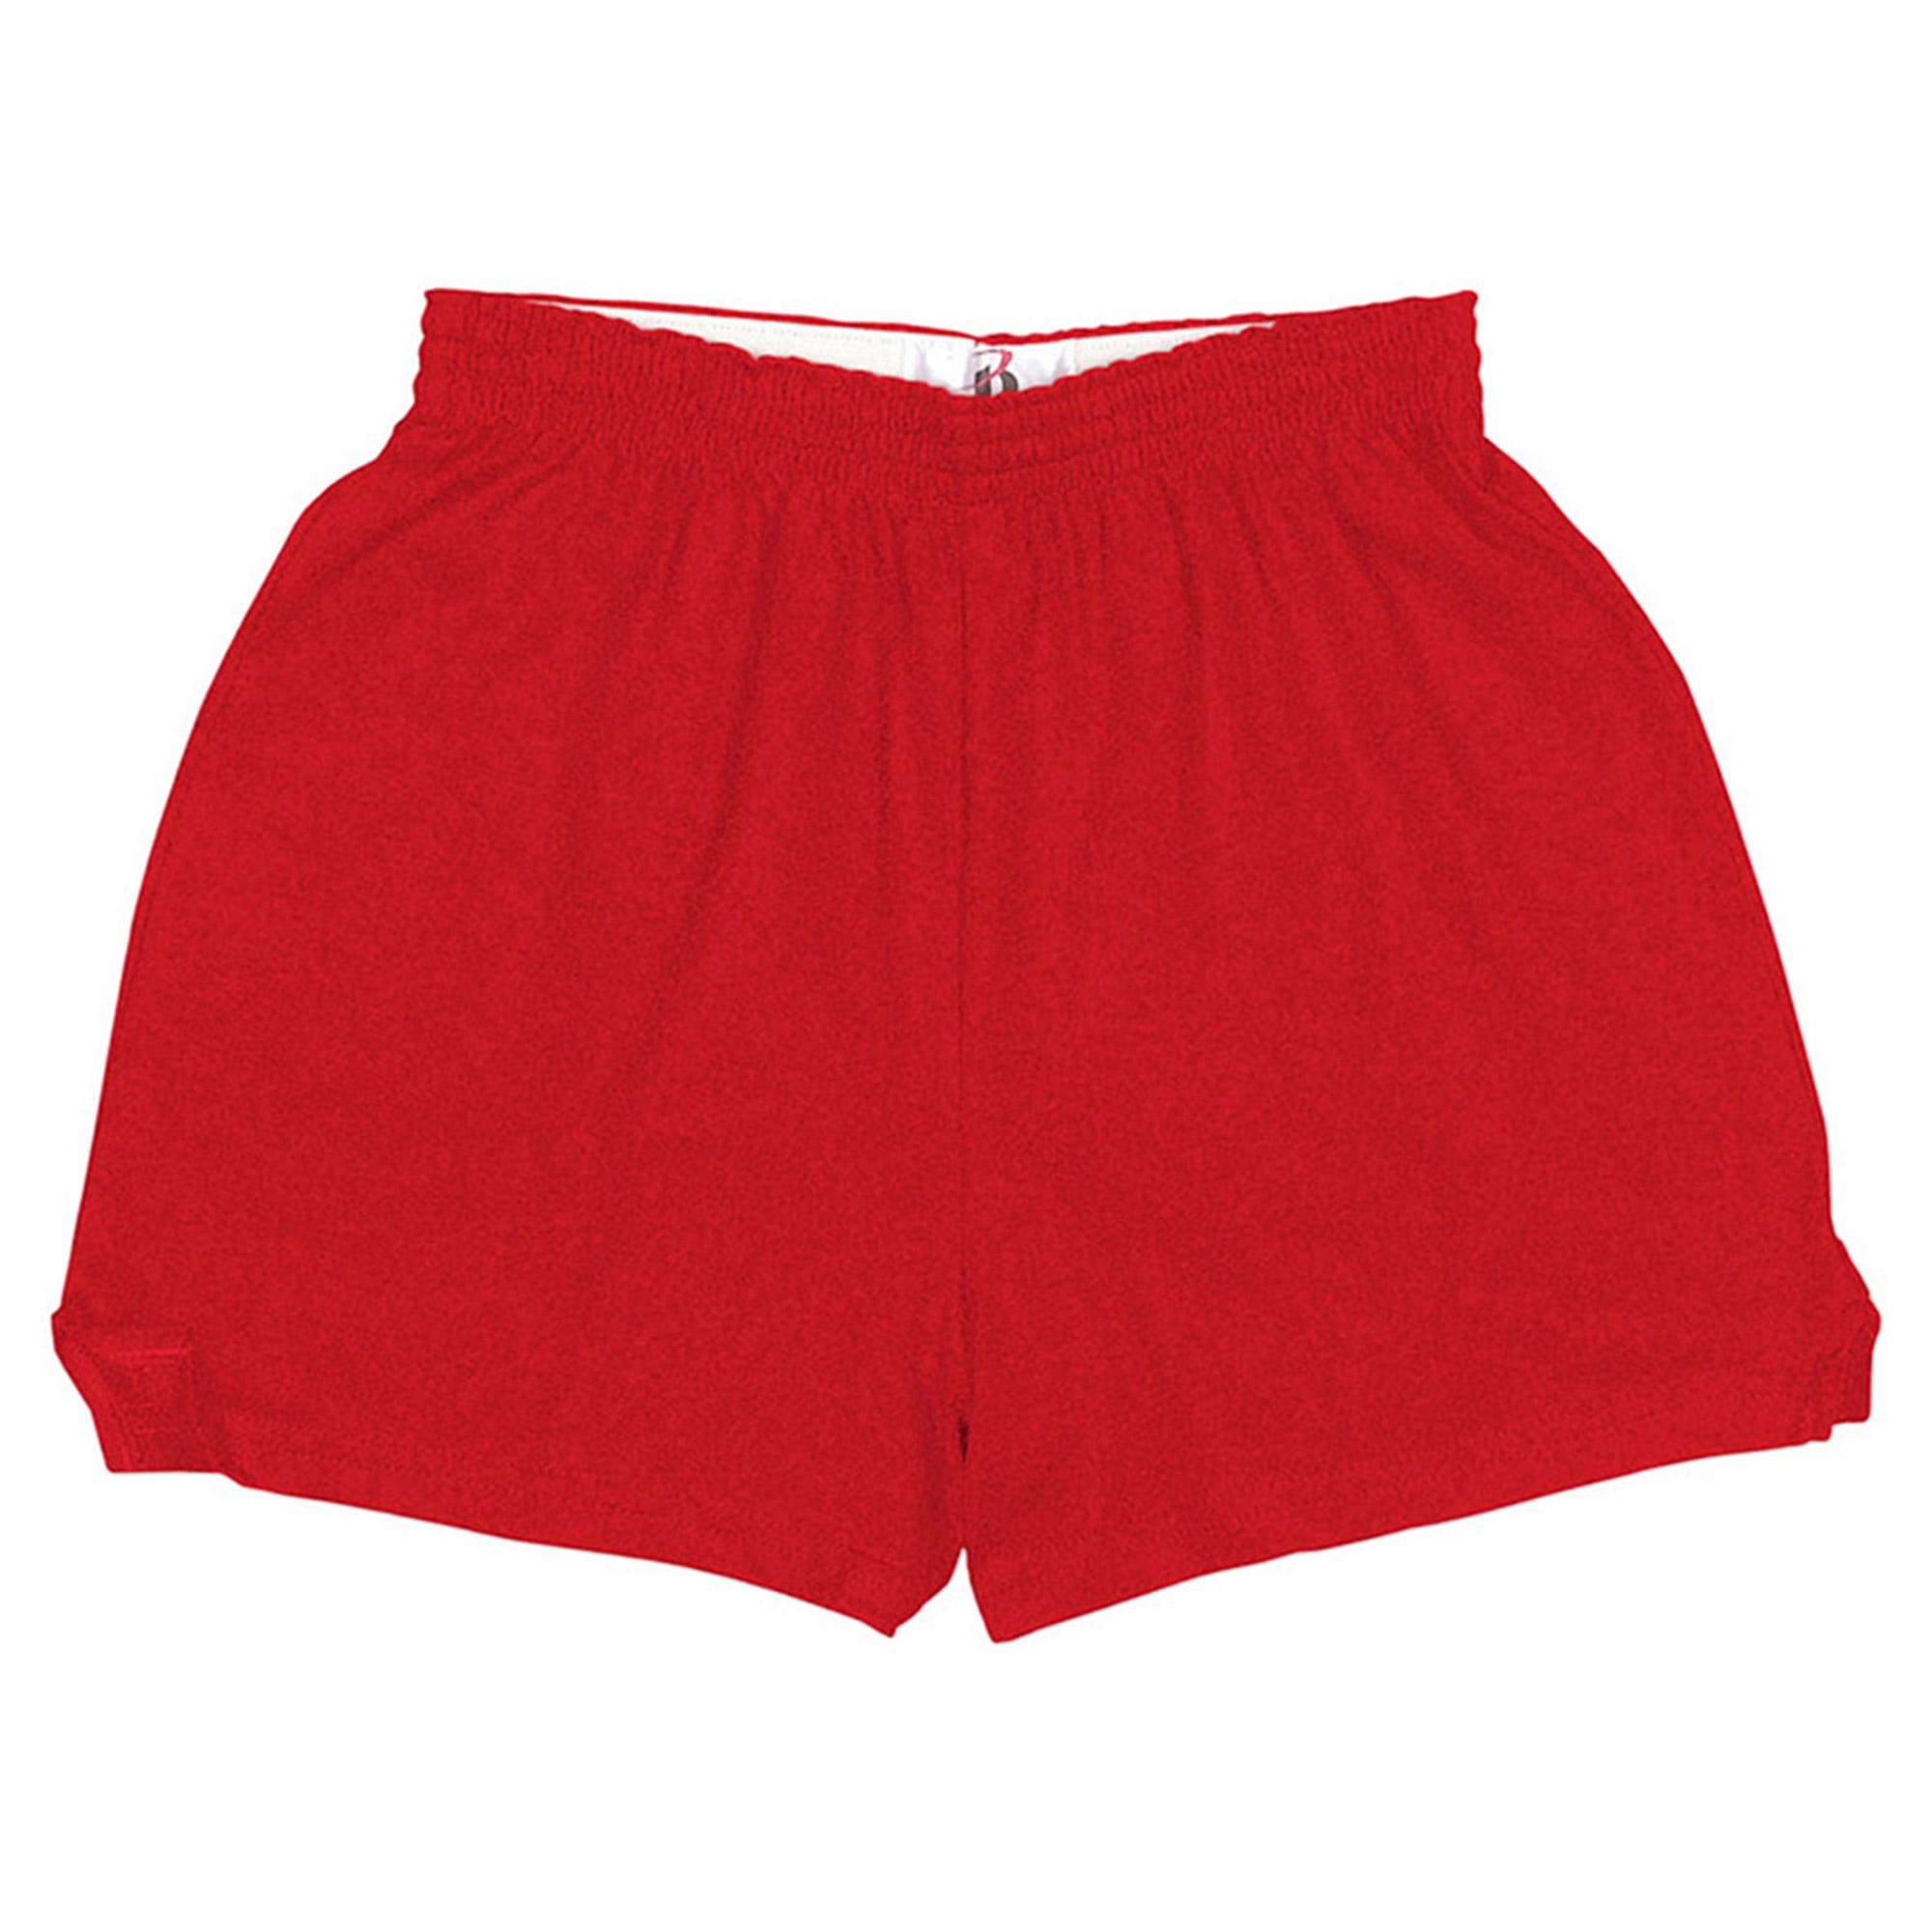 Badger 2202 Girl's Cheerleader Elastic Waistband Shorts at Sears.com